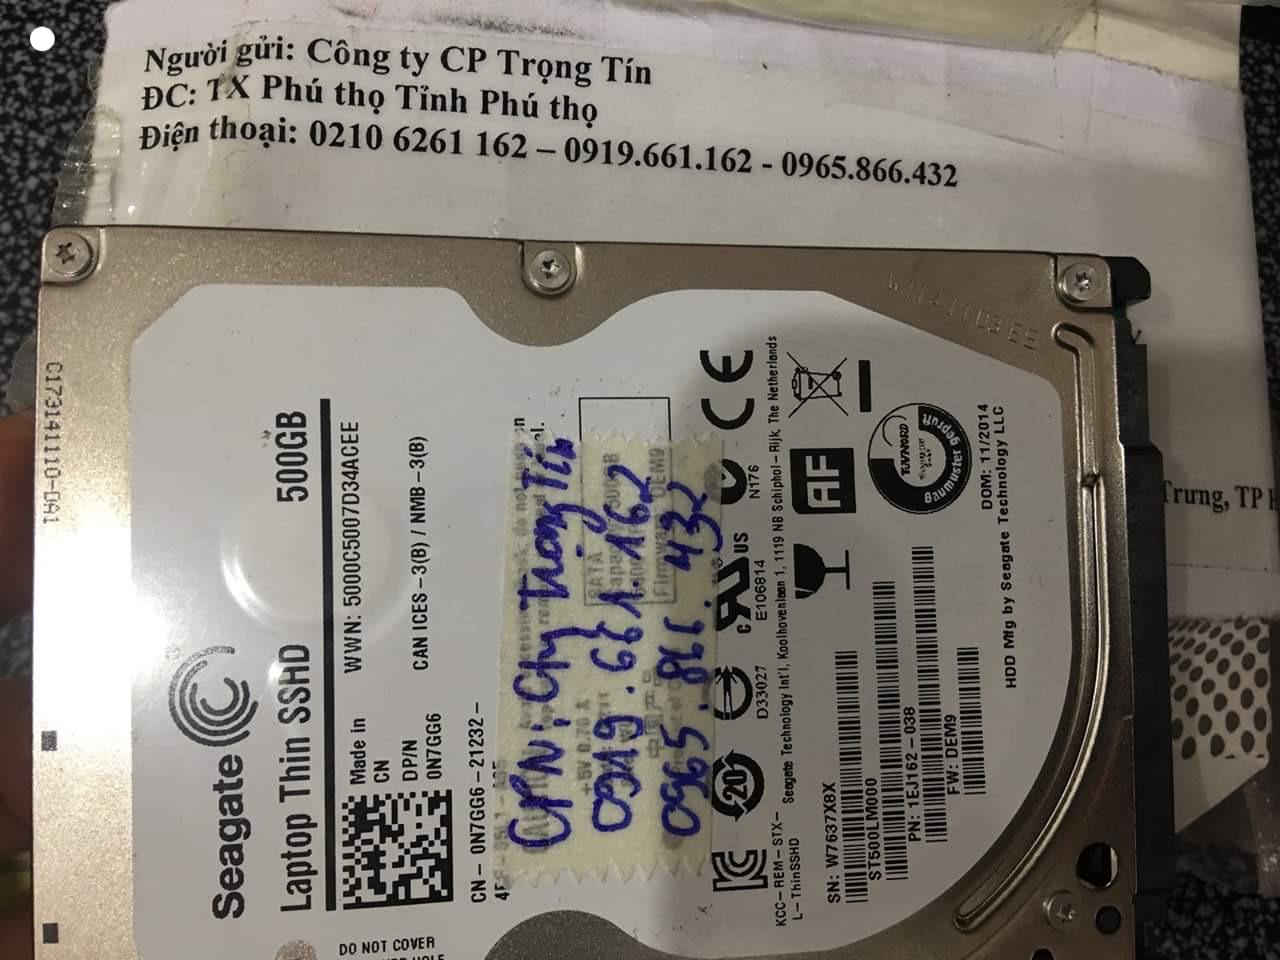 Khôi phục dữ liệu ổ cứng Seagate 500GB đầu đọc kém tại Phú Thọ 03/06/2020 - cuumaytinh